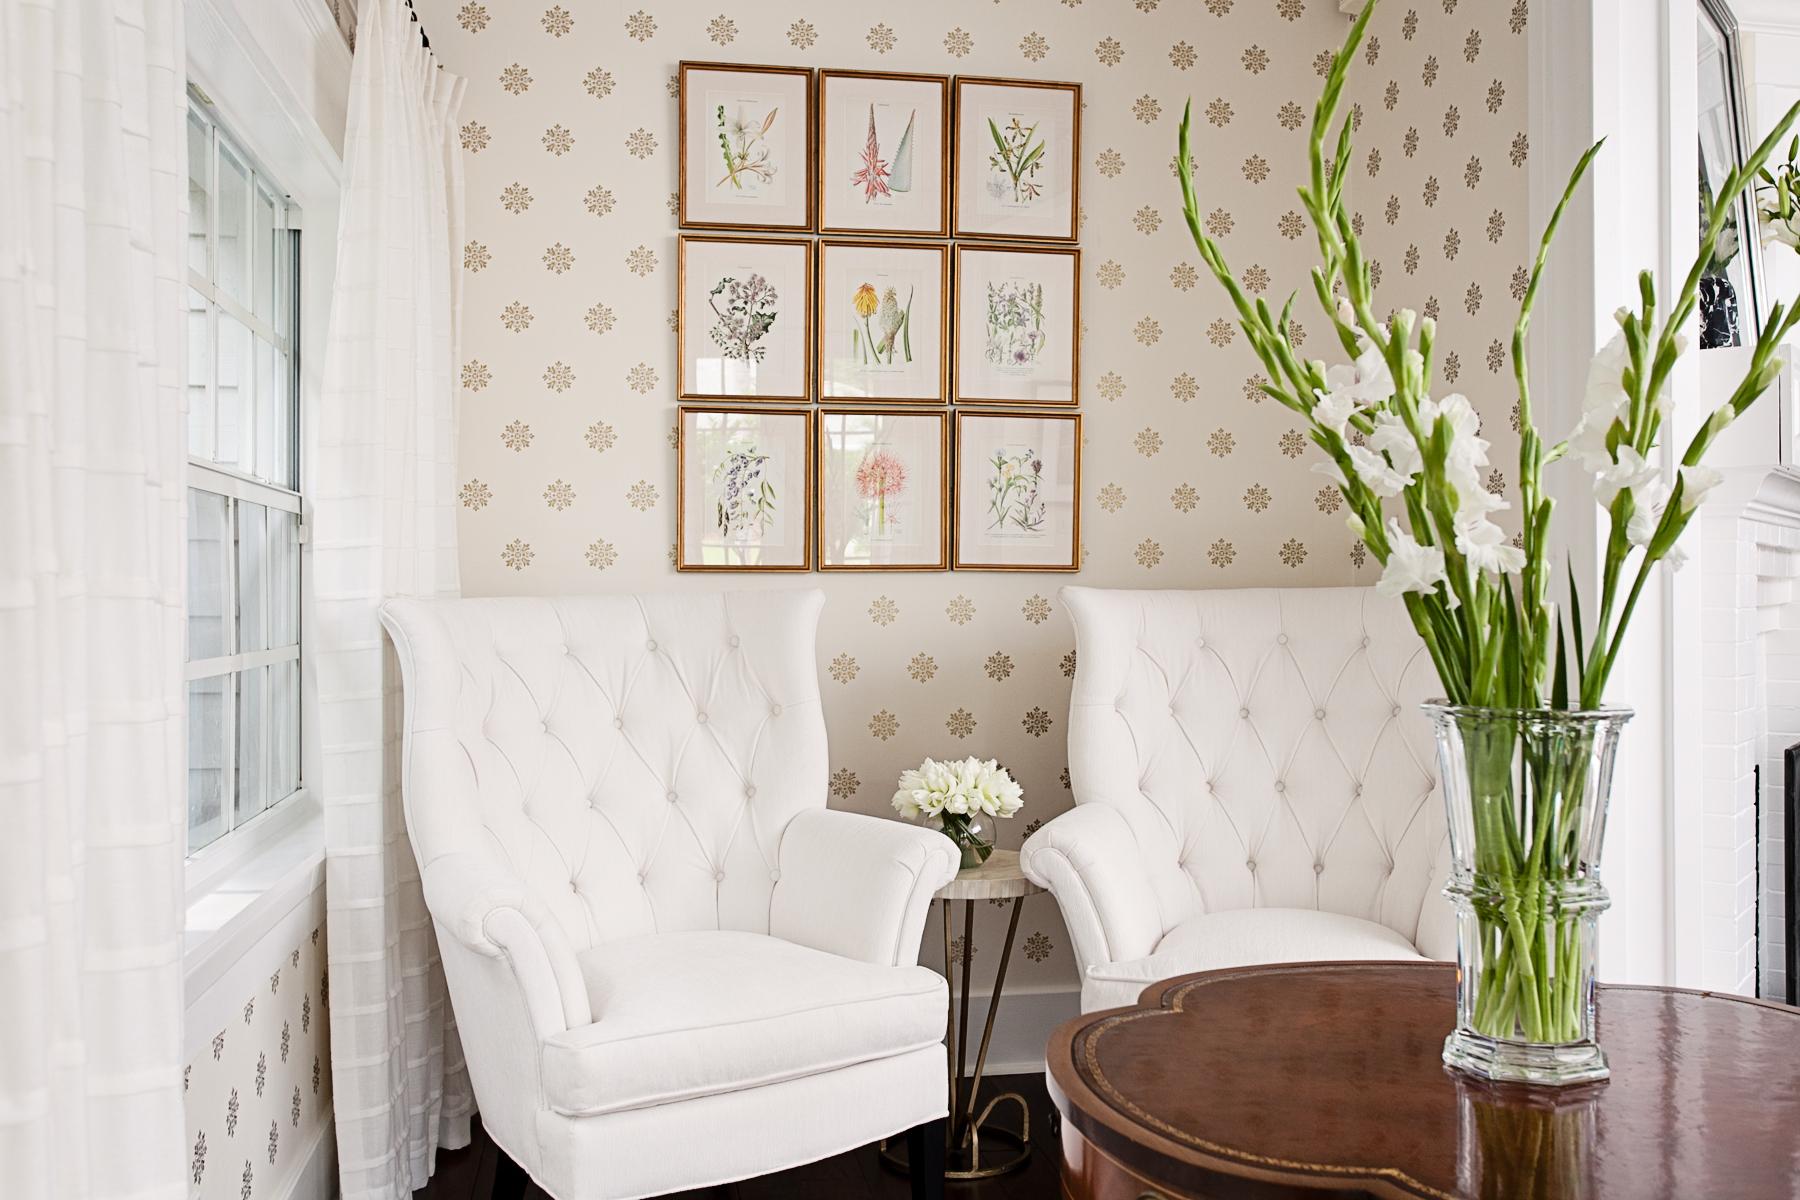 historic_monochromatic_interiordesign_lisagilmoredesign